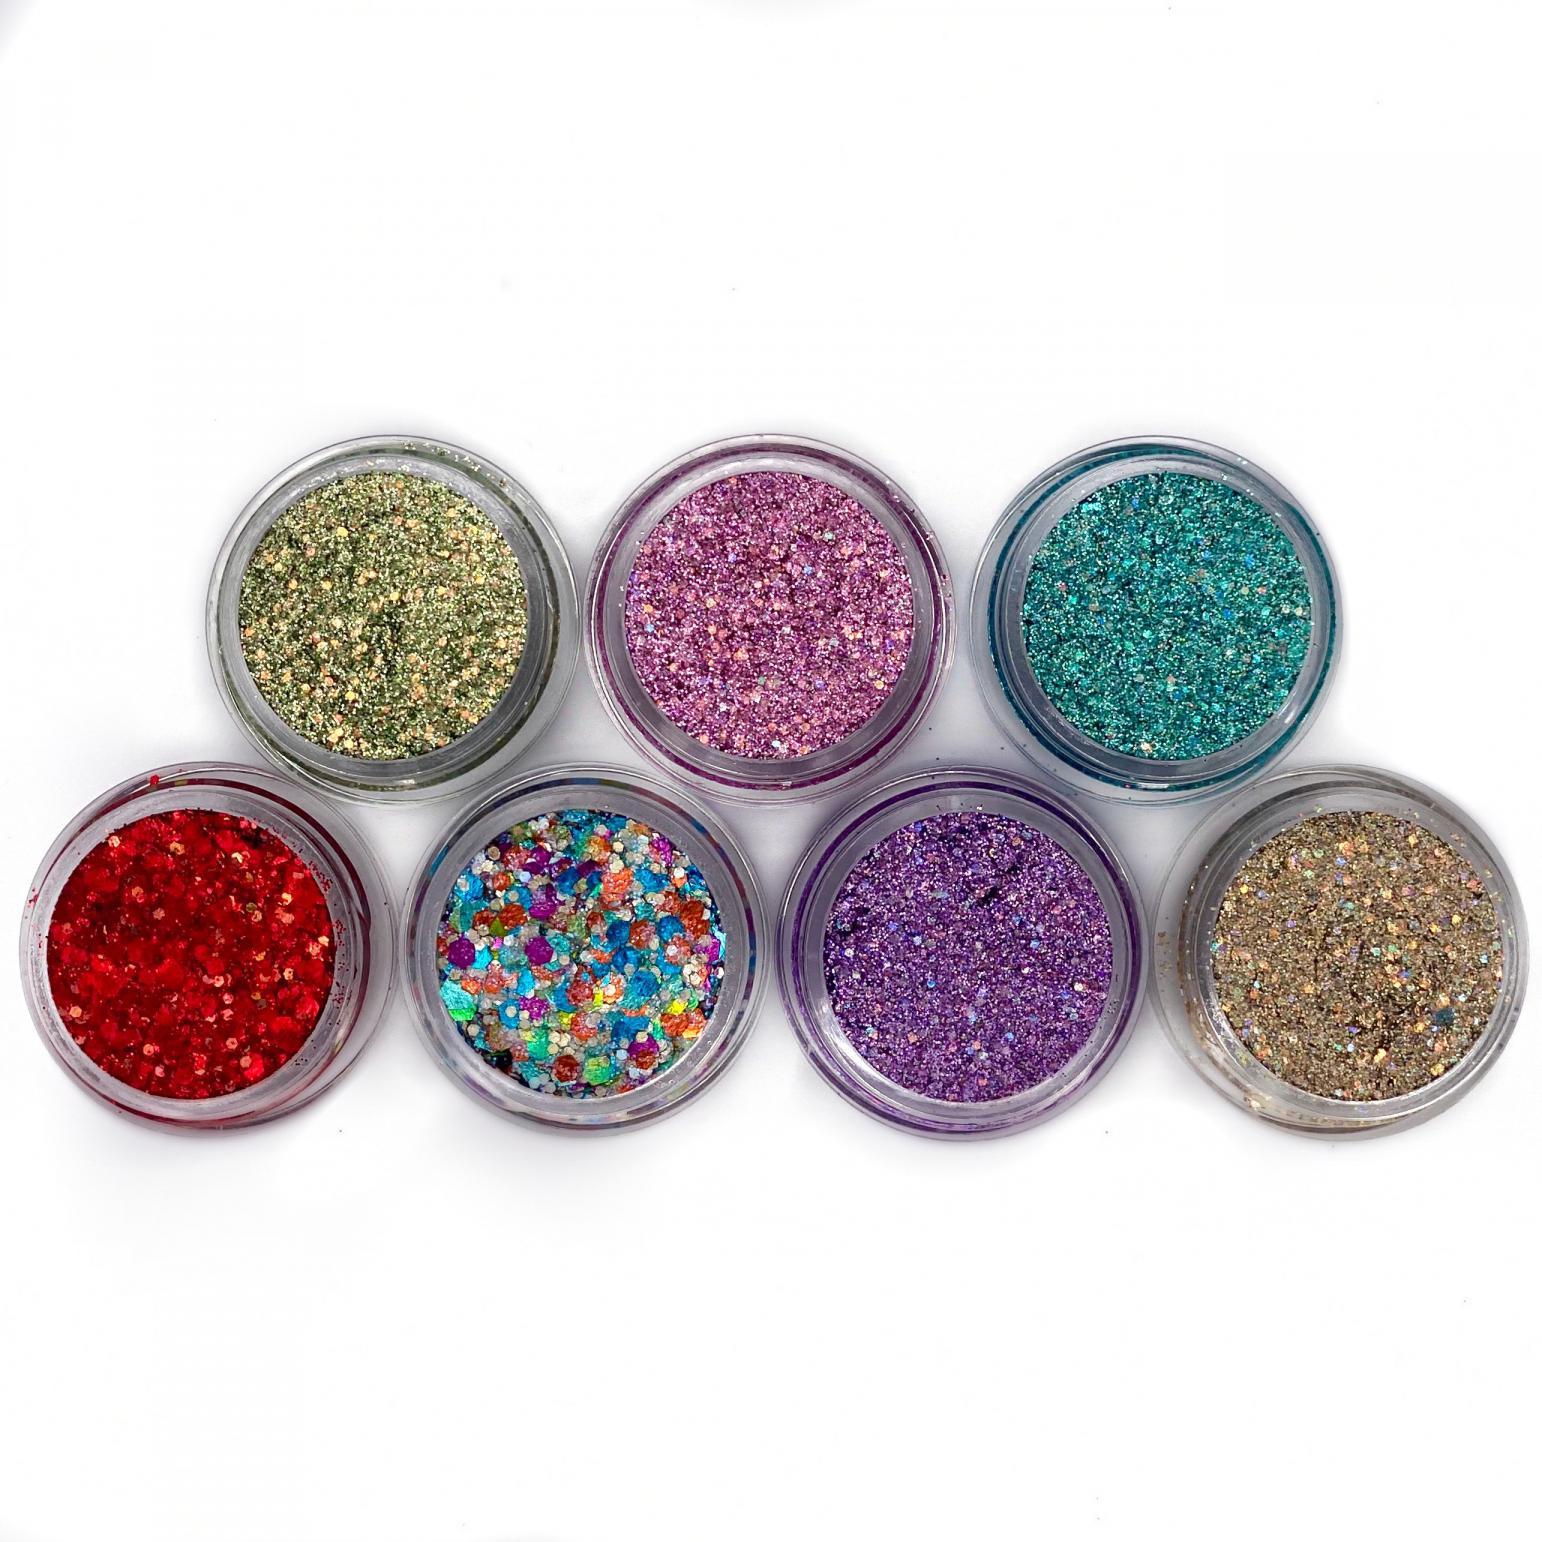 10g Glitter Creme - Alternate Packaging